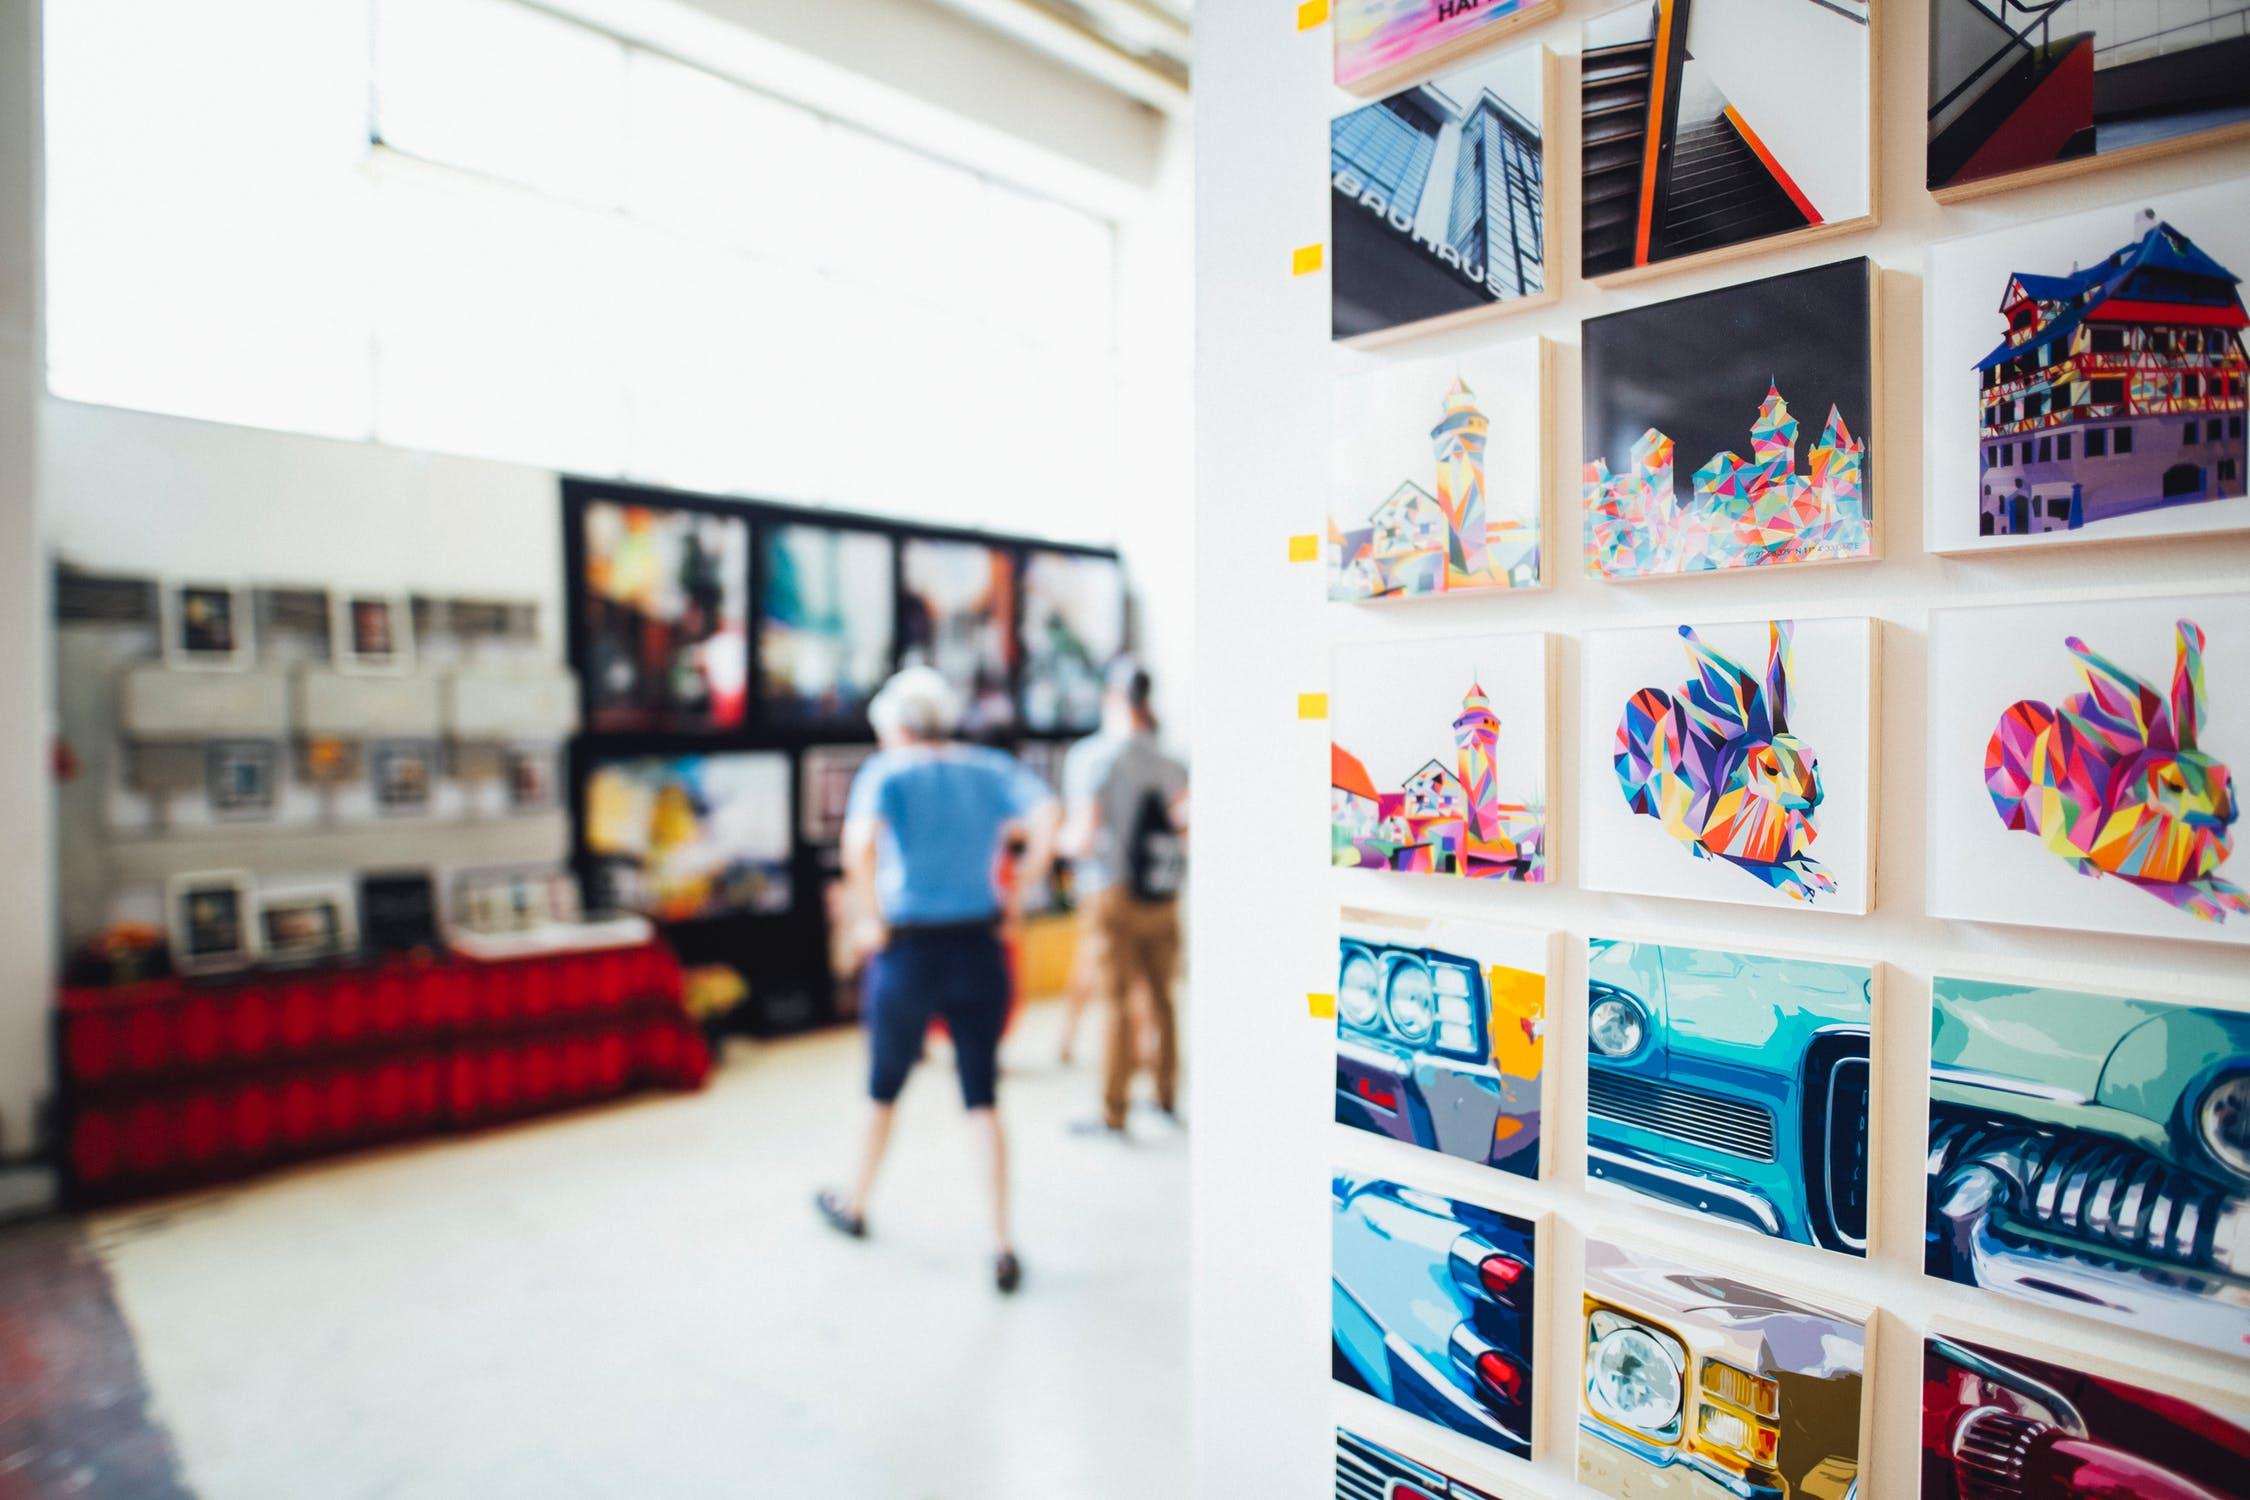 אוהבים אומנות? כך תתאימו את הציור לבית שלכם